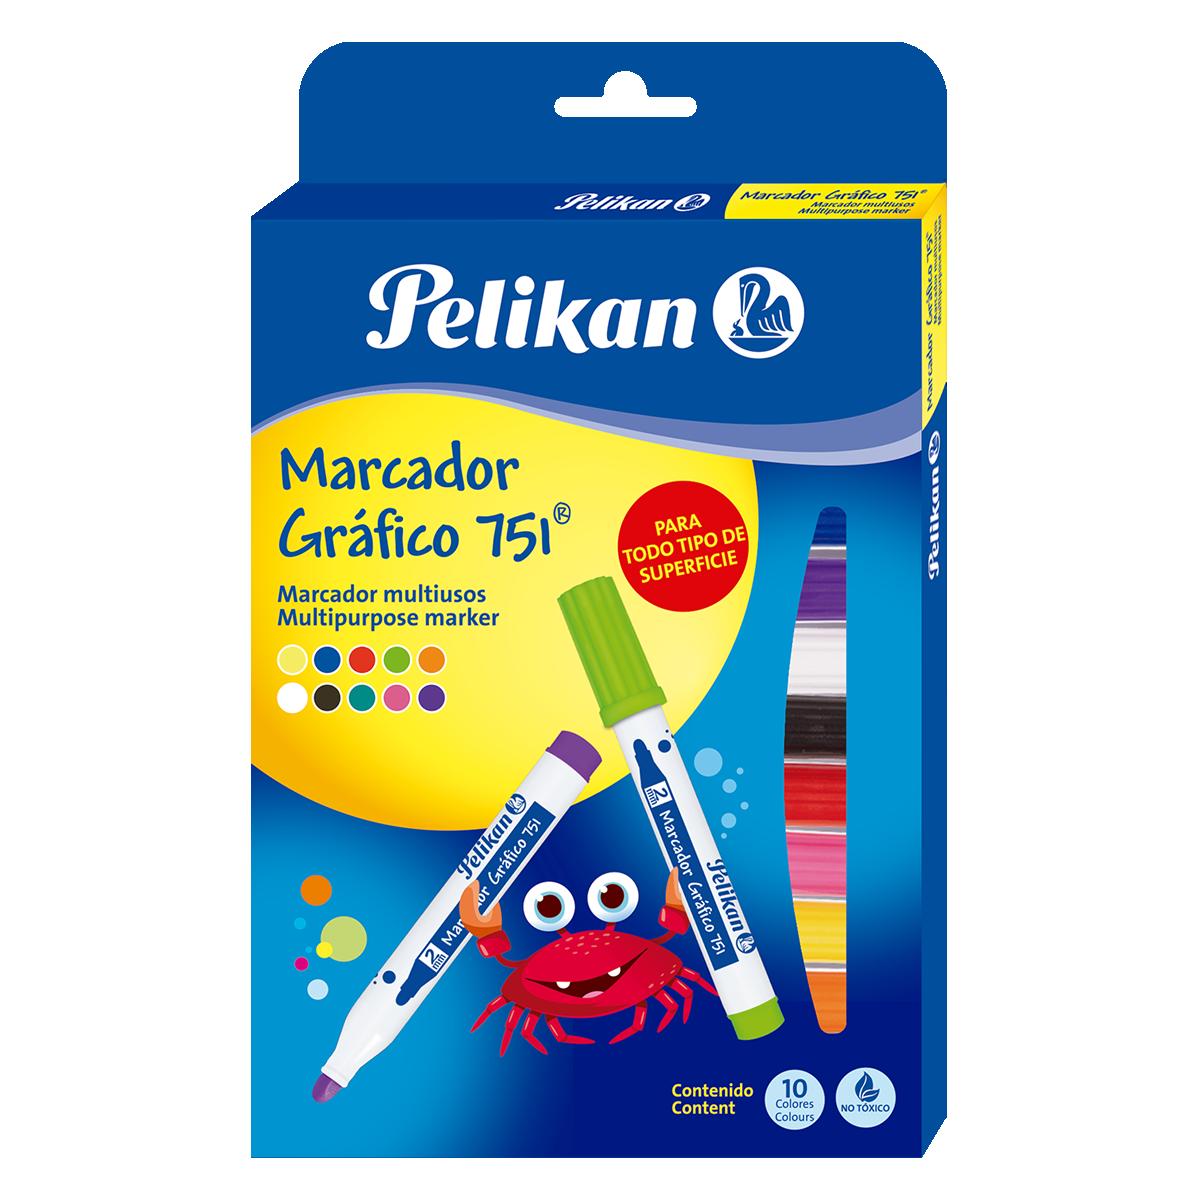 MARCADOR GRAFICO 751 X10 COLORES PELIKAN_1